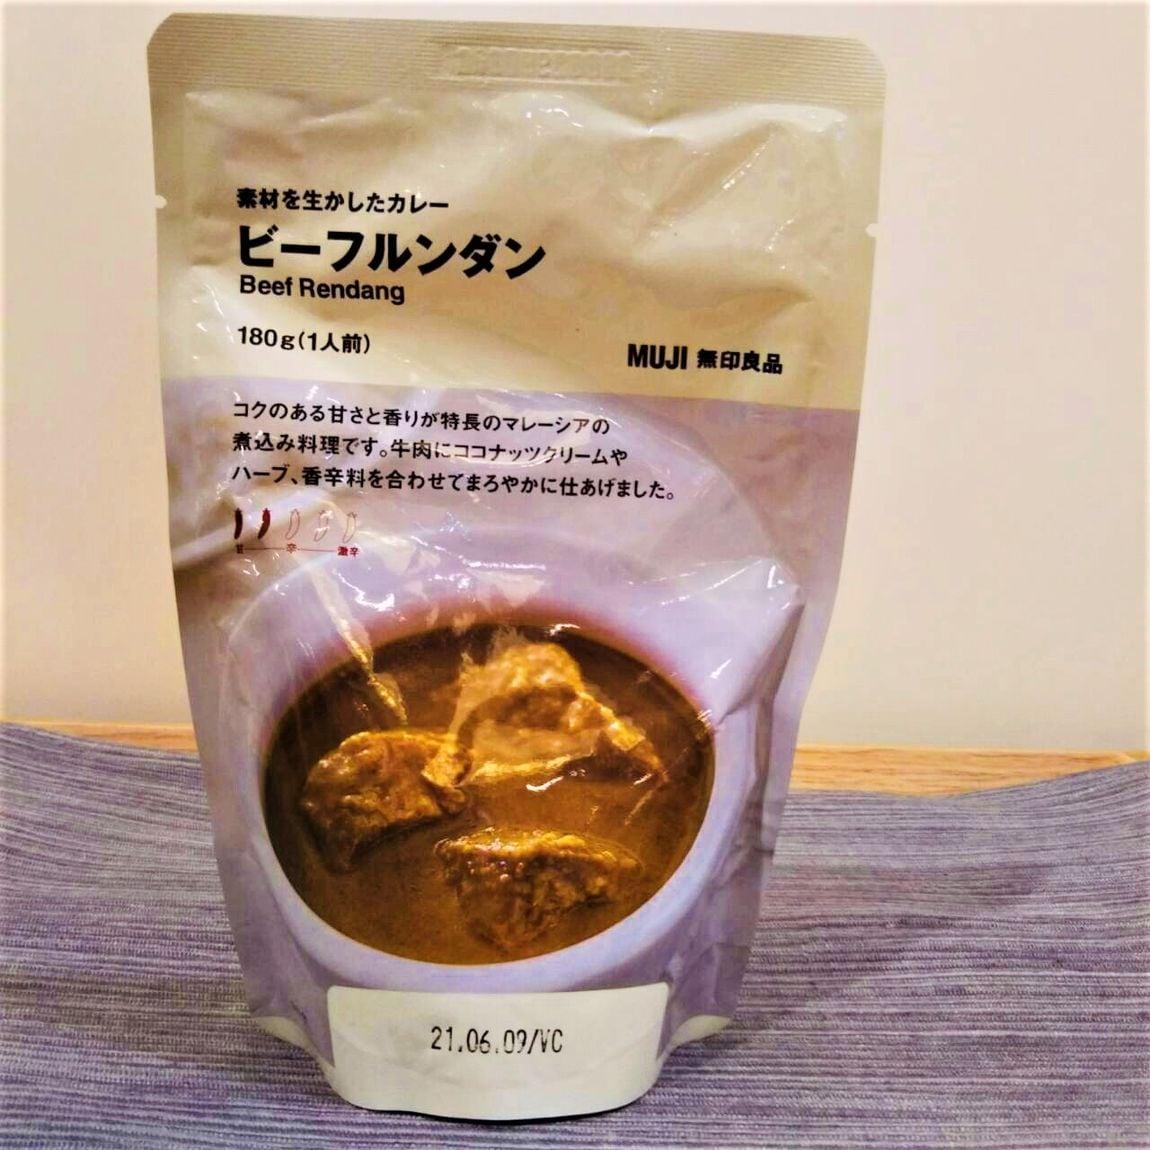 【エミフルMASAKI】暑い時期こそカレーを食べよう。